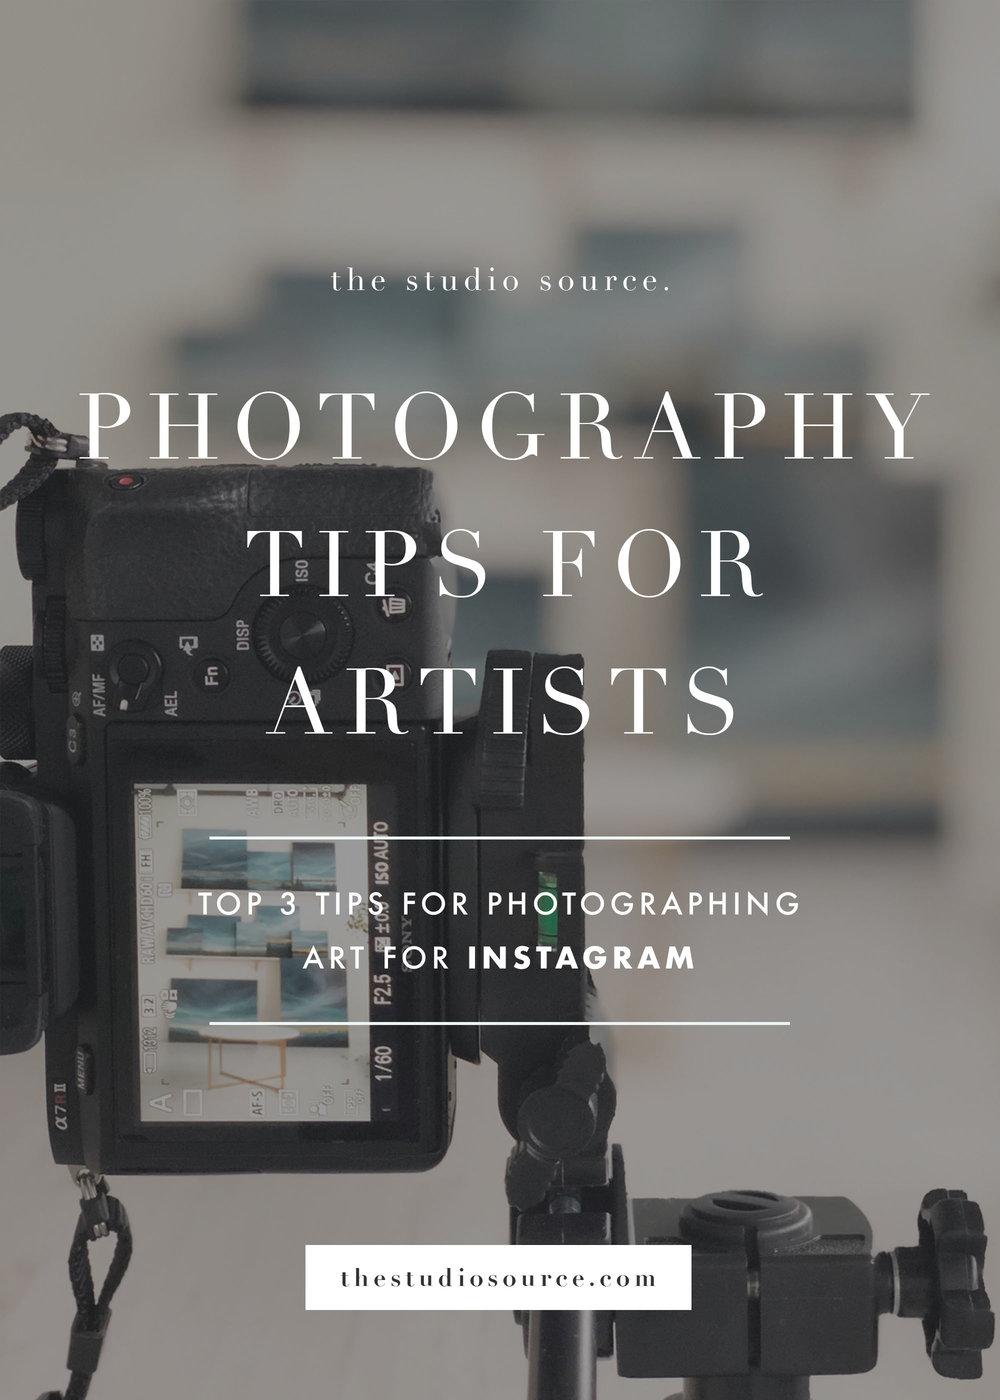 Photography Tips for Instagram.jpg